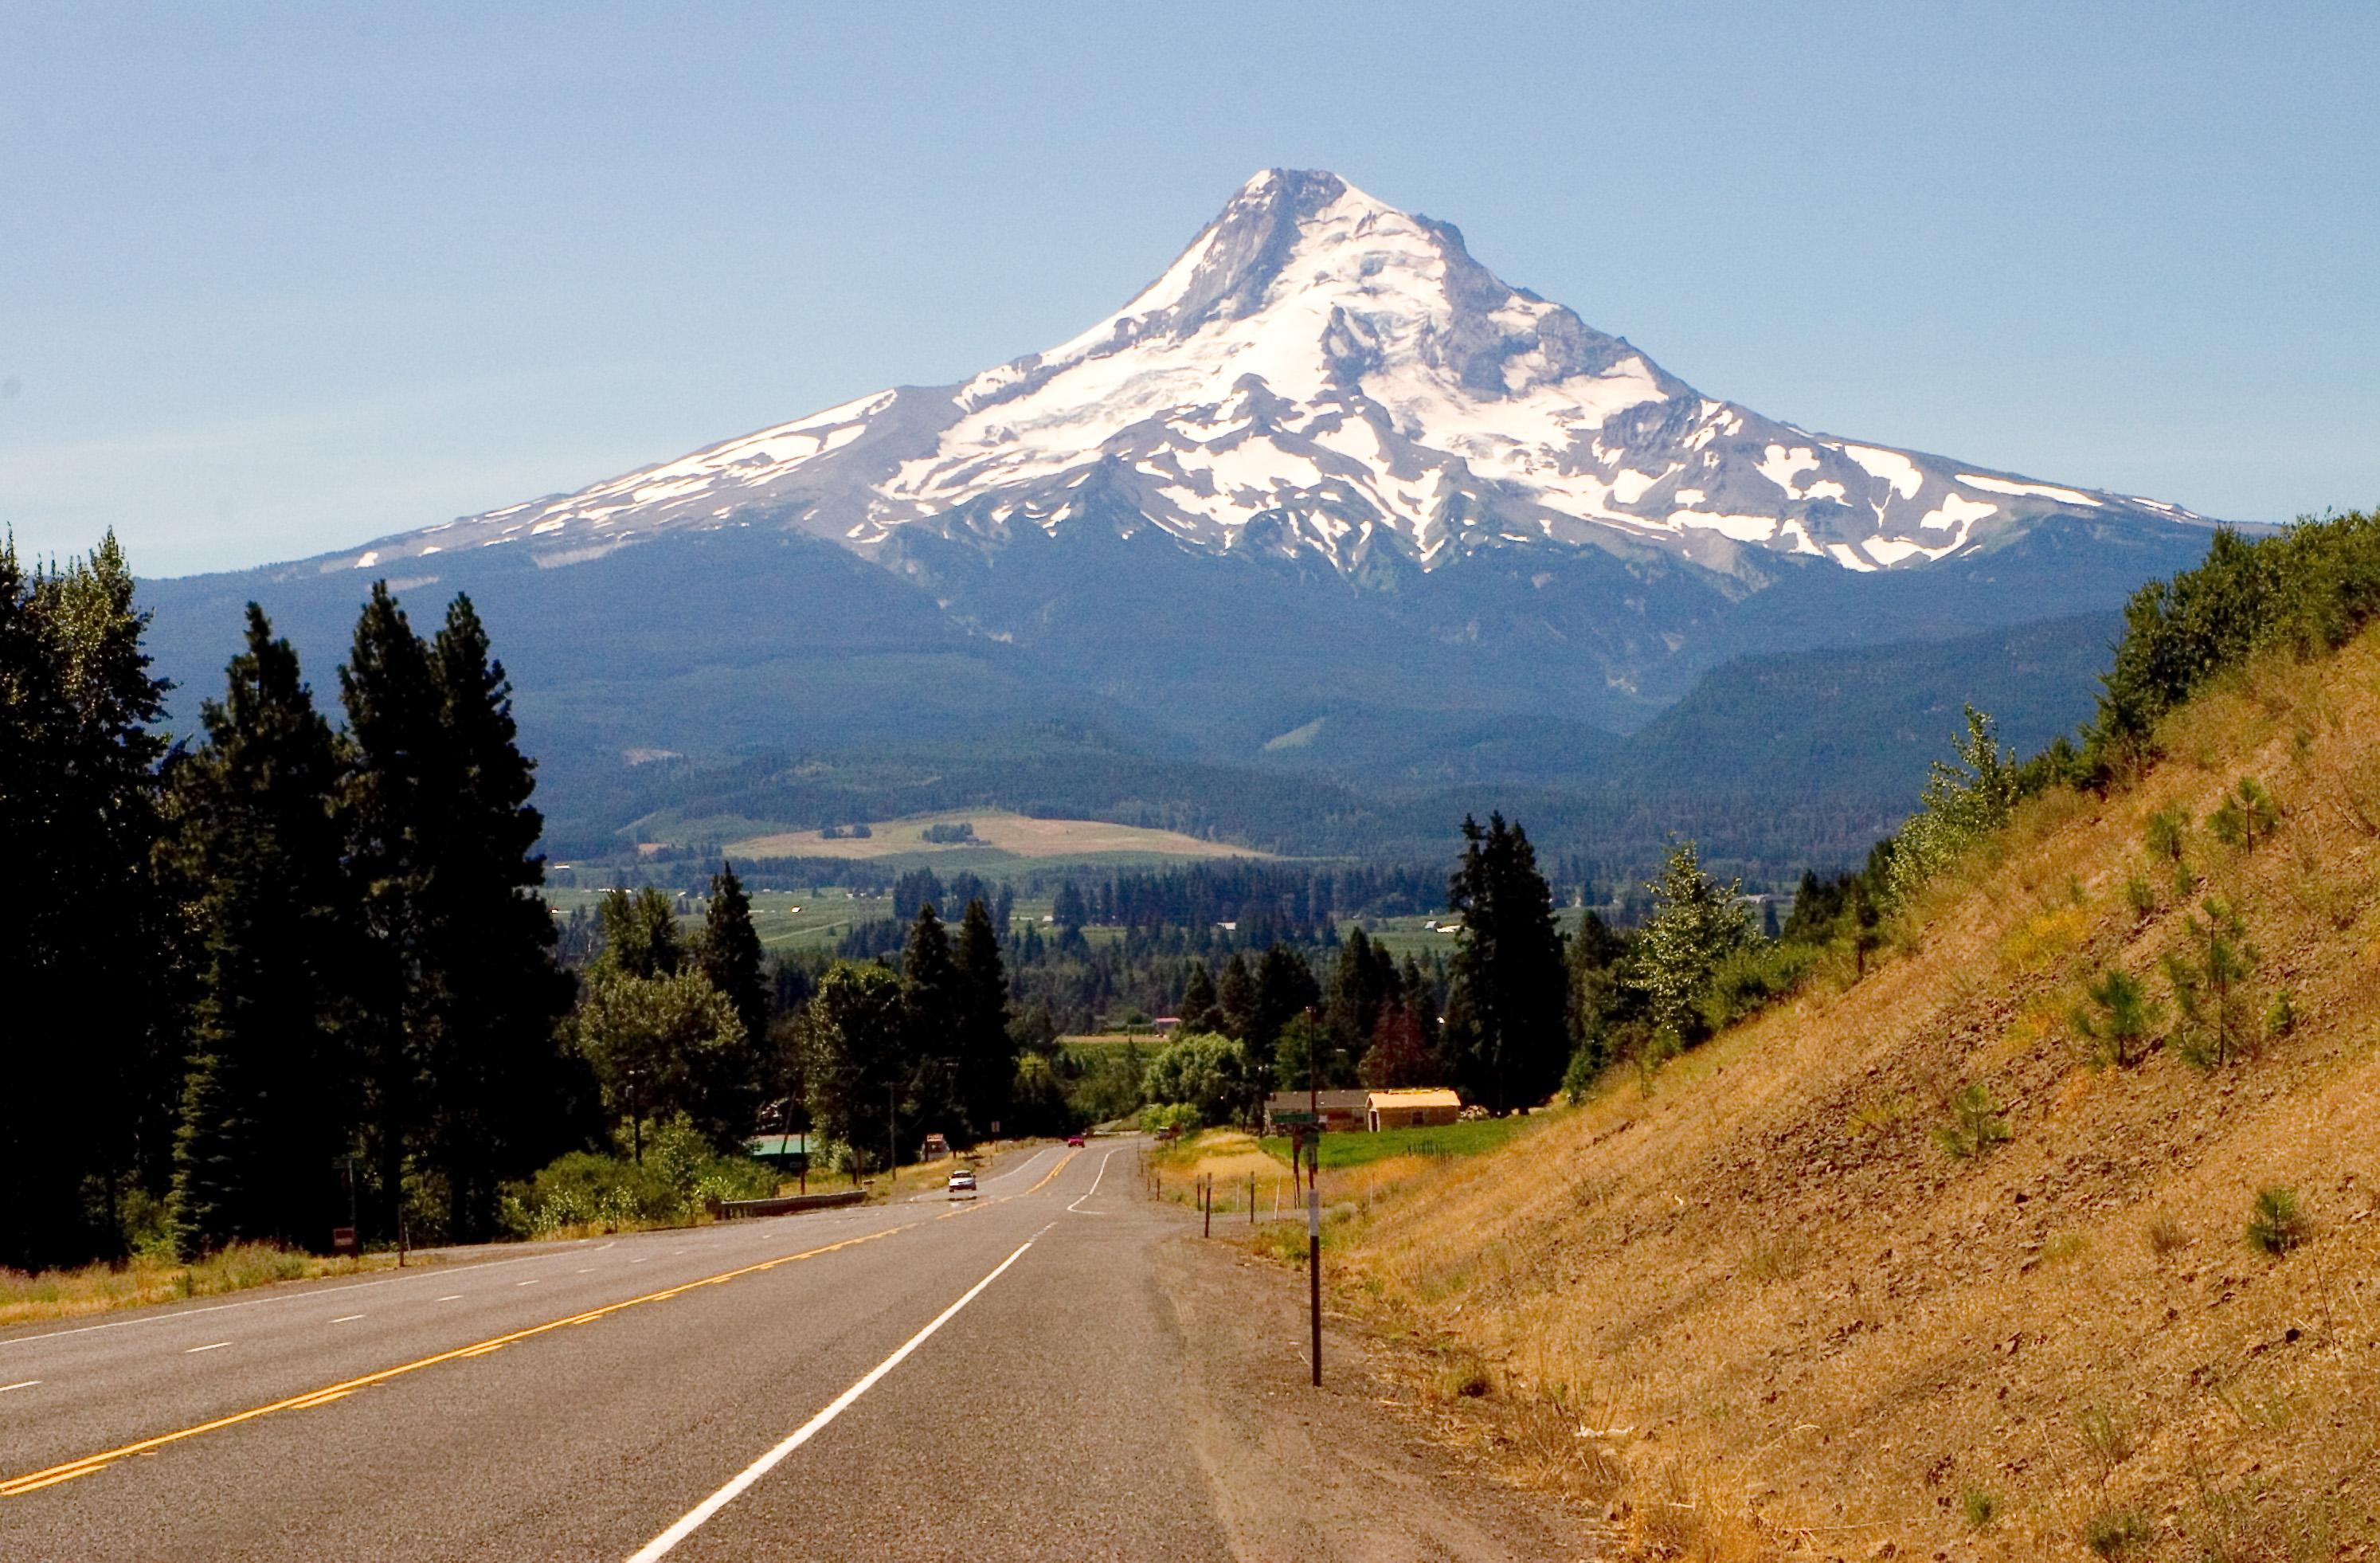 Scenic Highways File Mount Hood Highway Oregon Jpg Wikimedia Commons